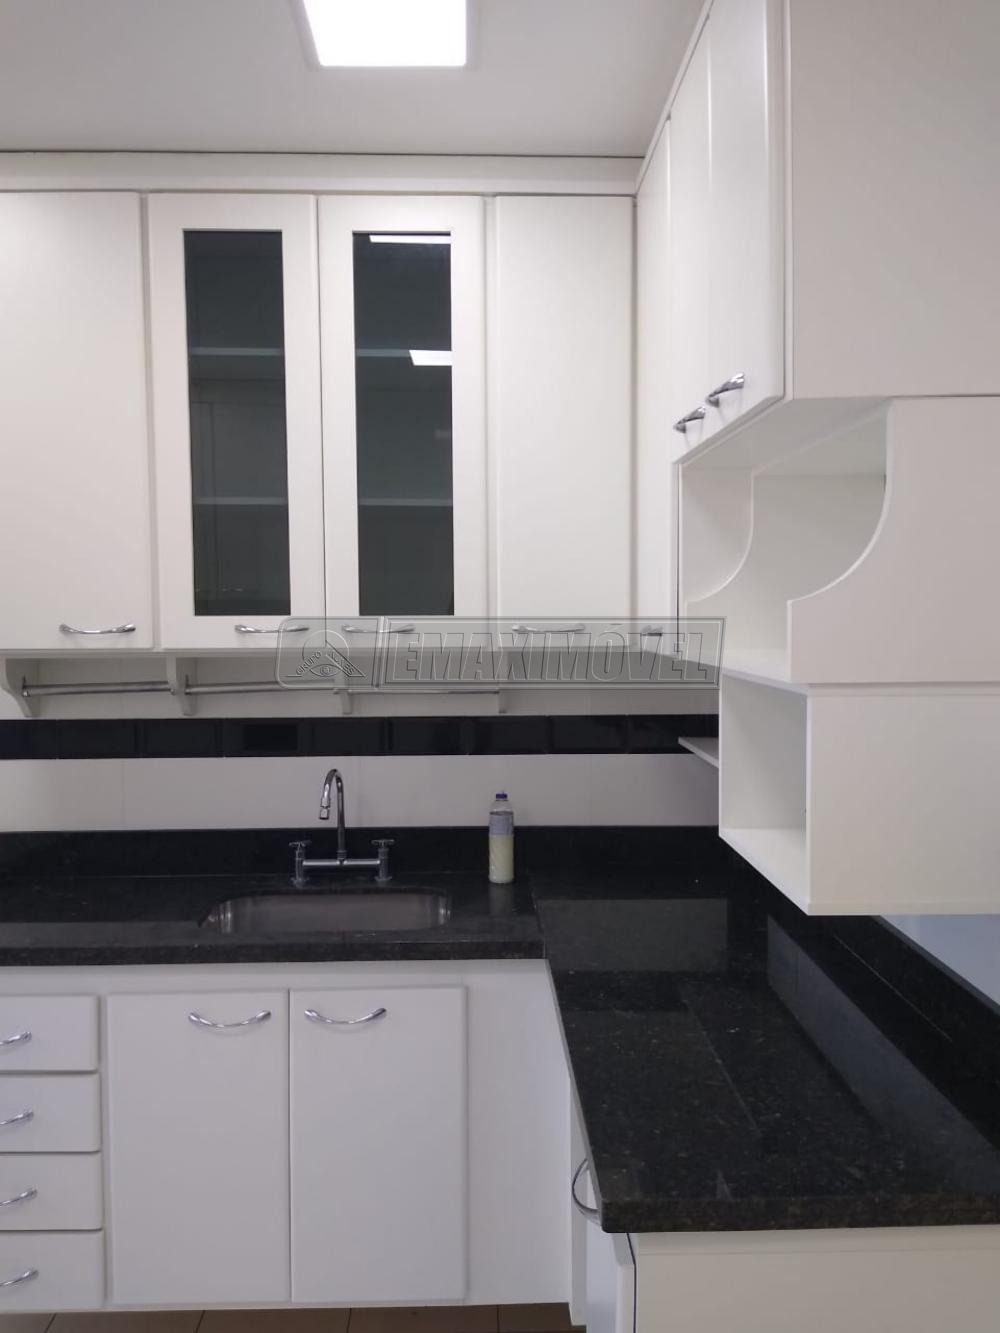 Comprar Apartamento / Padrão em Sorocaba R$ 1.166.000,00 - Foto 29